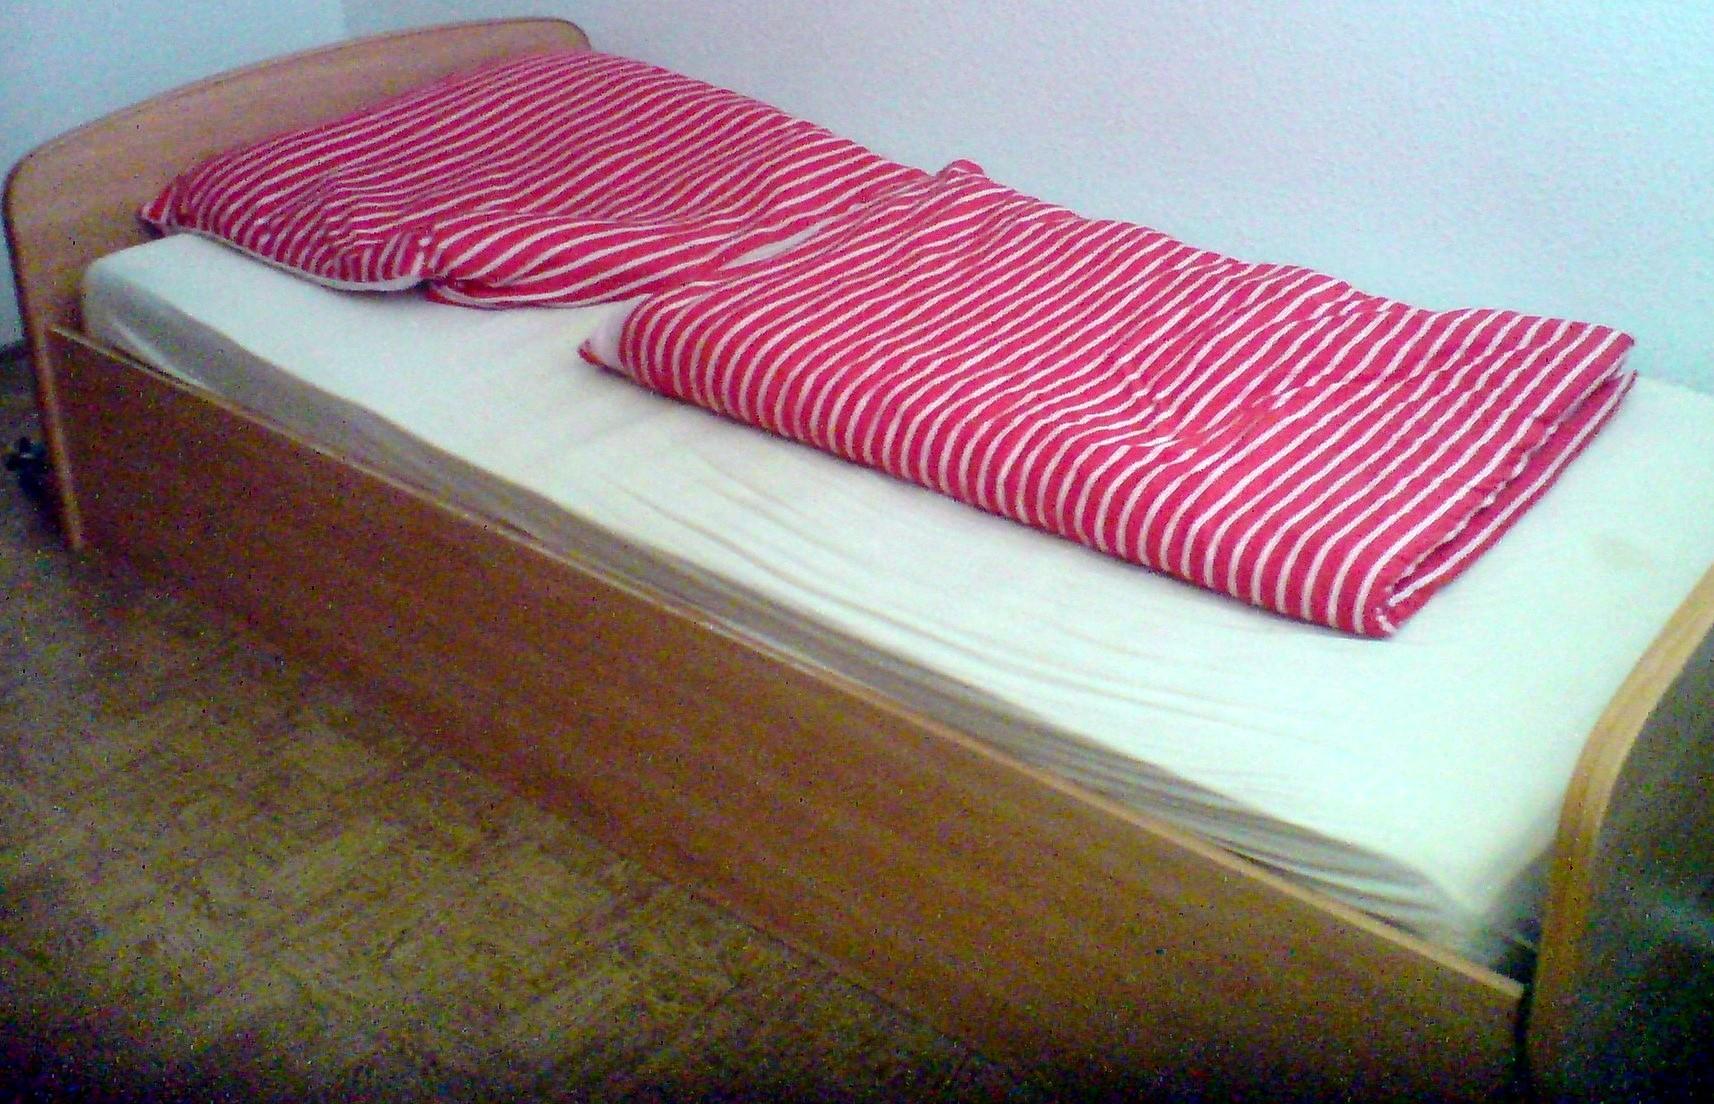 kleinanzeigen betten bettzeug seite 3. Black Bedroom Furniture Sets. Home Design Ideas